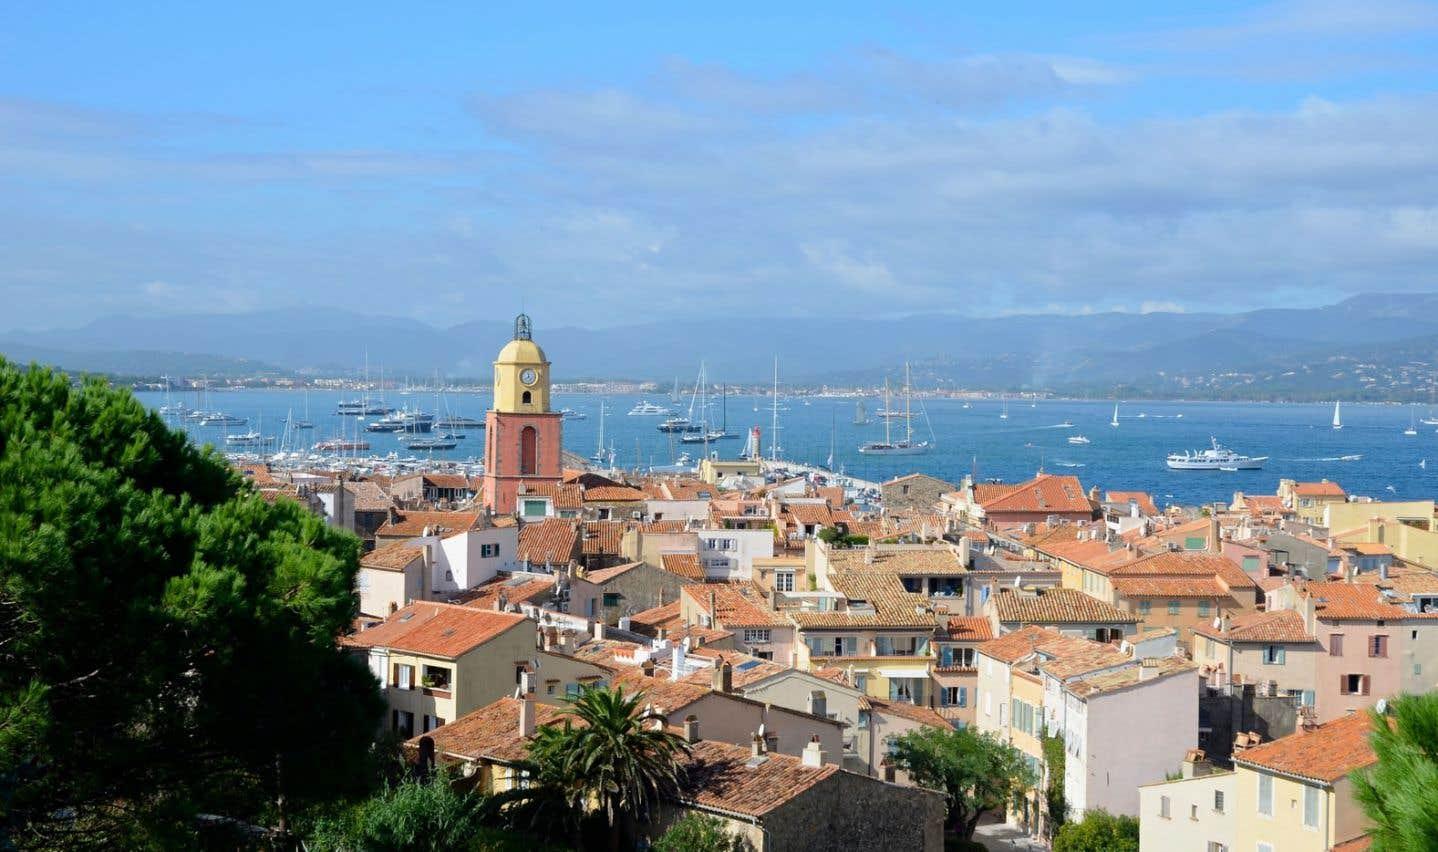 La ville de Saint-Tropez vue de la citadelle.